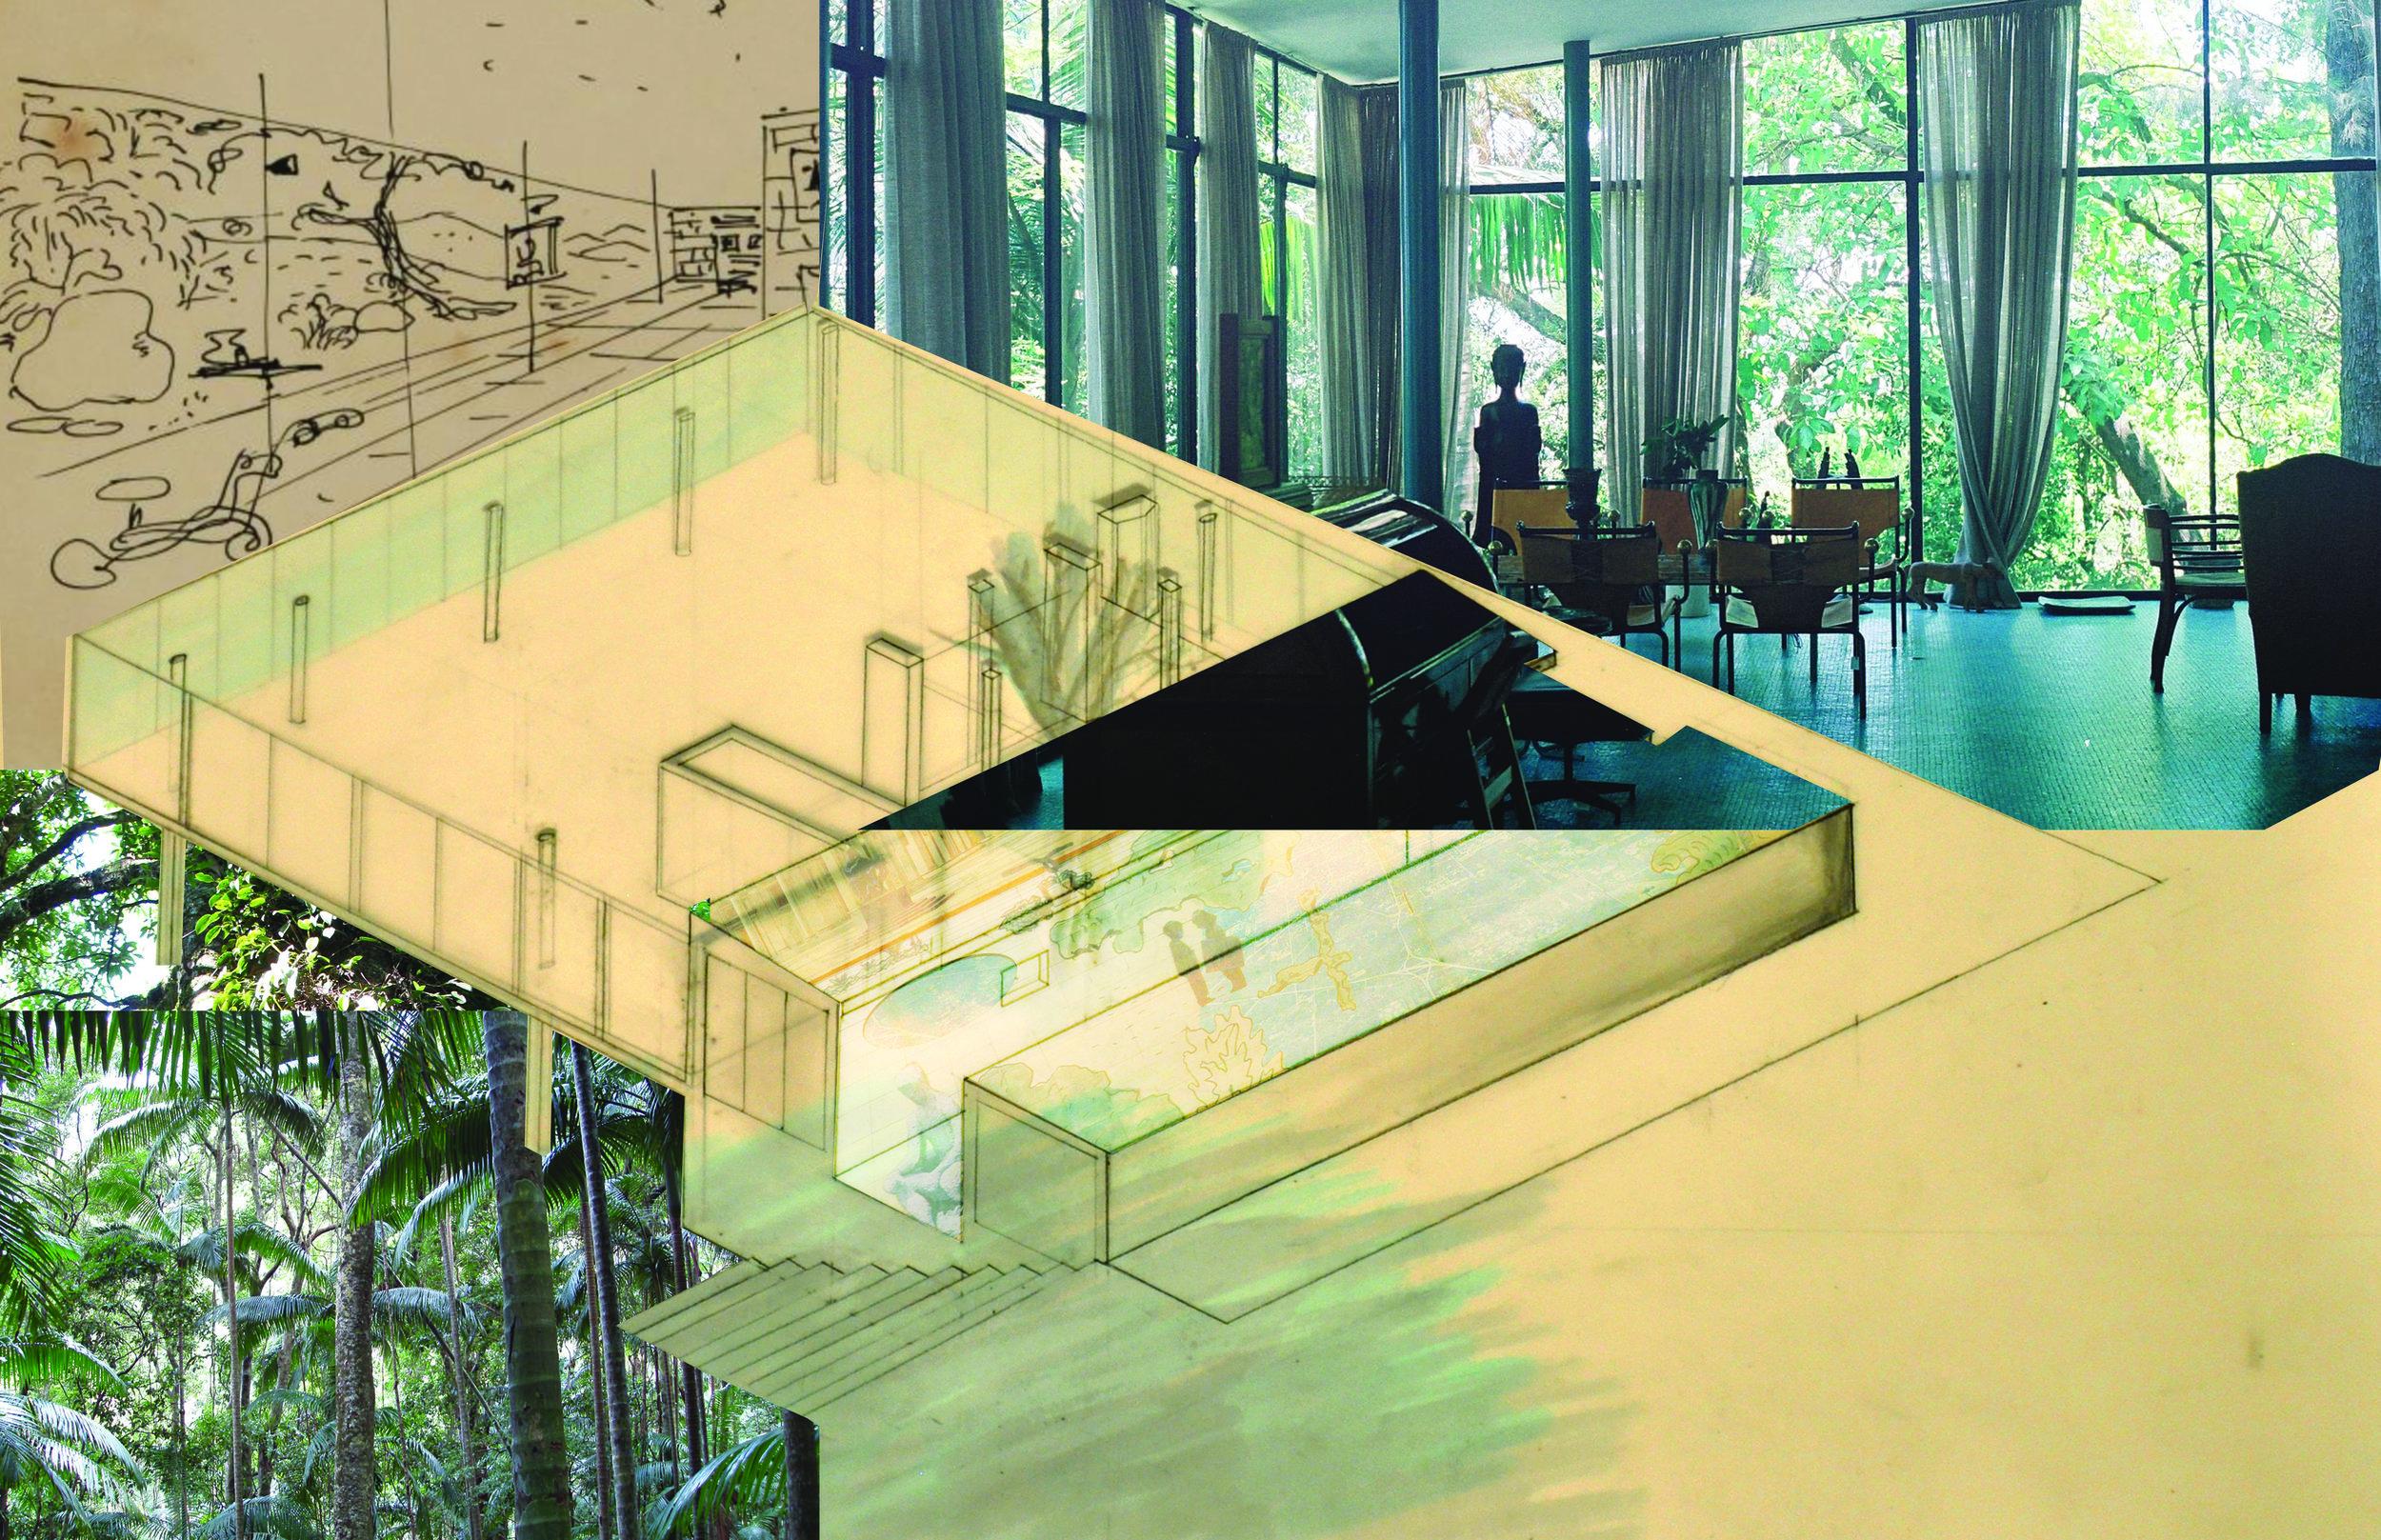 Lina Bo Bardi Collage3 - Greenery.jpg